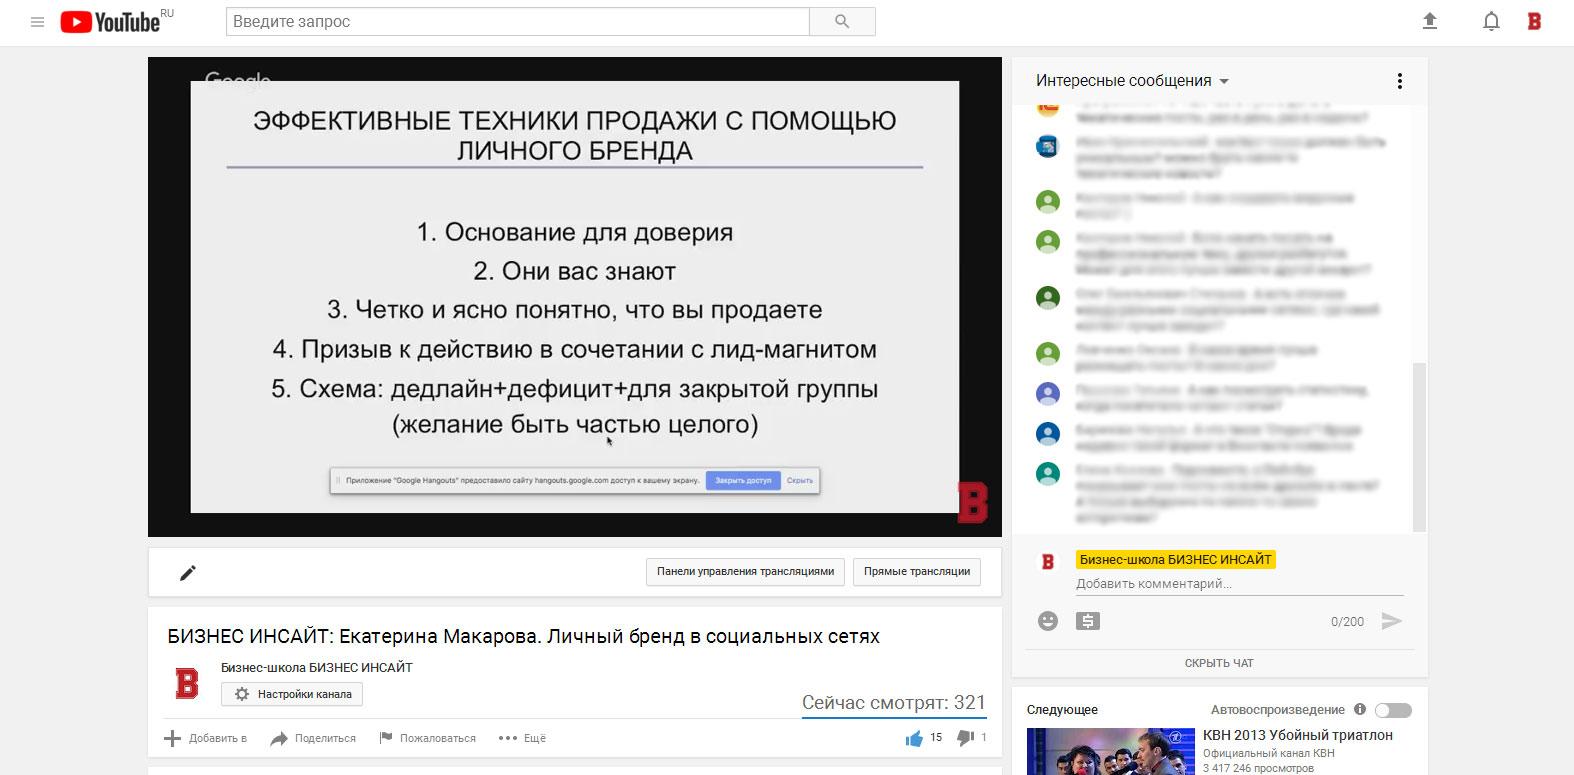 Екатерина Макарова провела открытый вебинар на площадке БИЗНЕС ИНСАЙТ